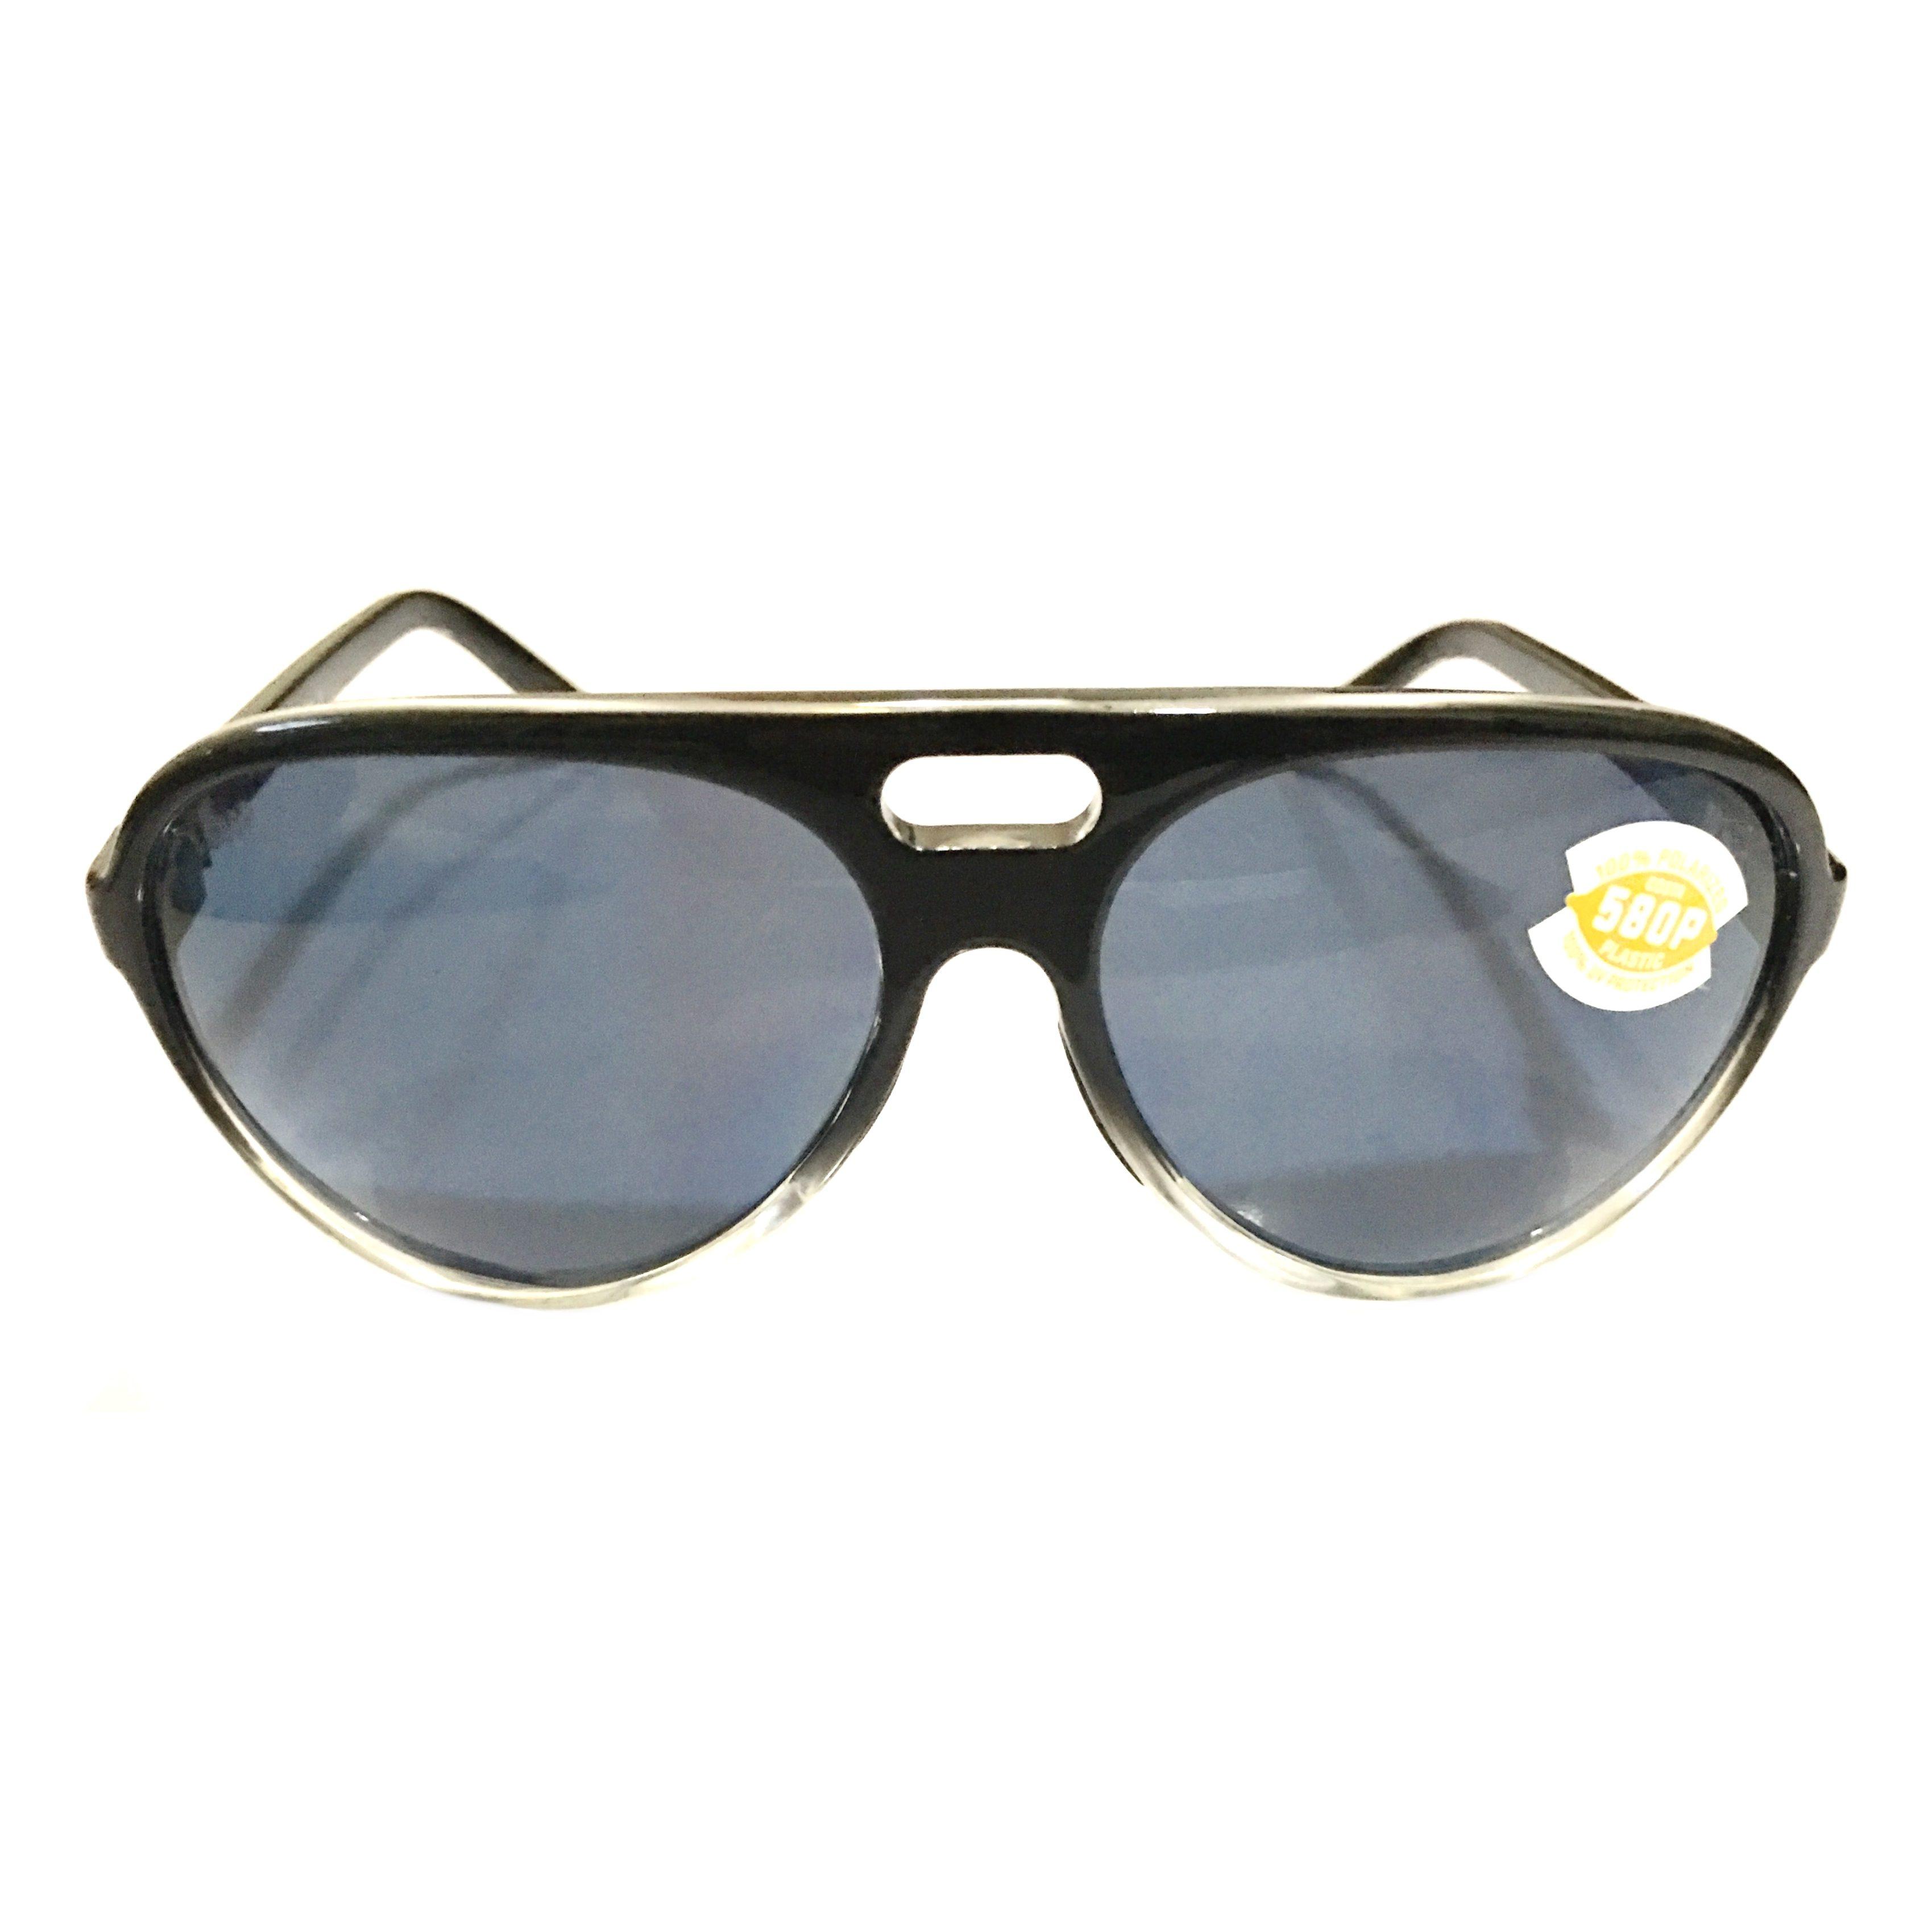 e4d6f1eadc6f8 Costa Del Mar Grand Catalina Sunglasses - Black Fade - POLARIZED Gray 580P